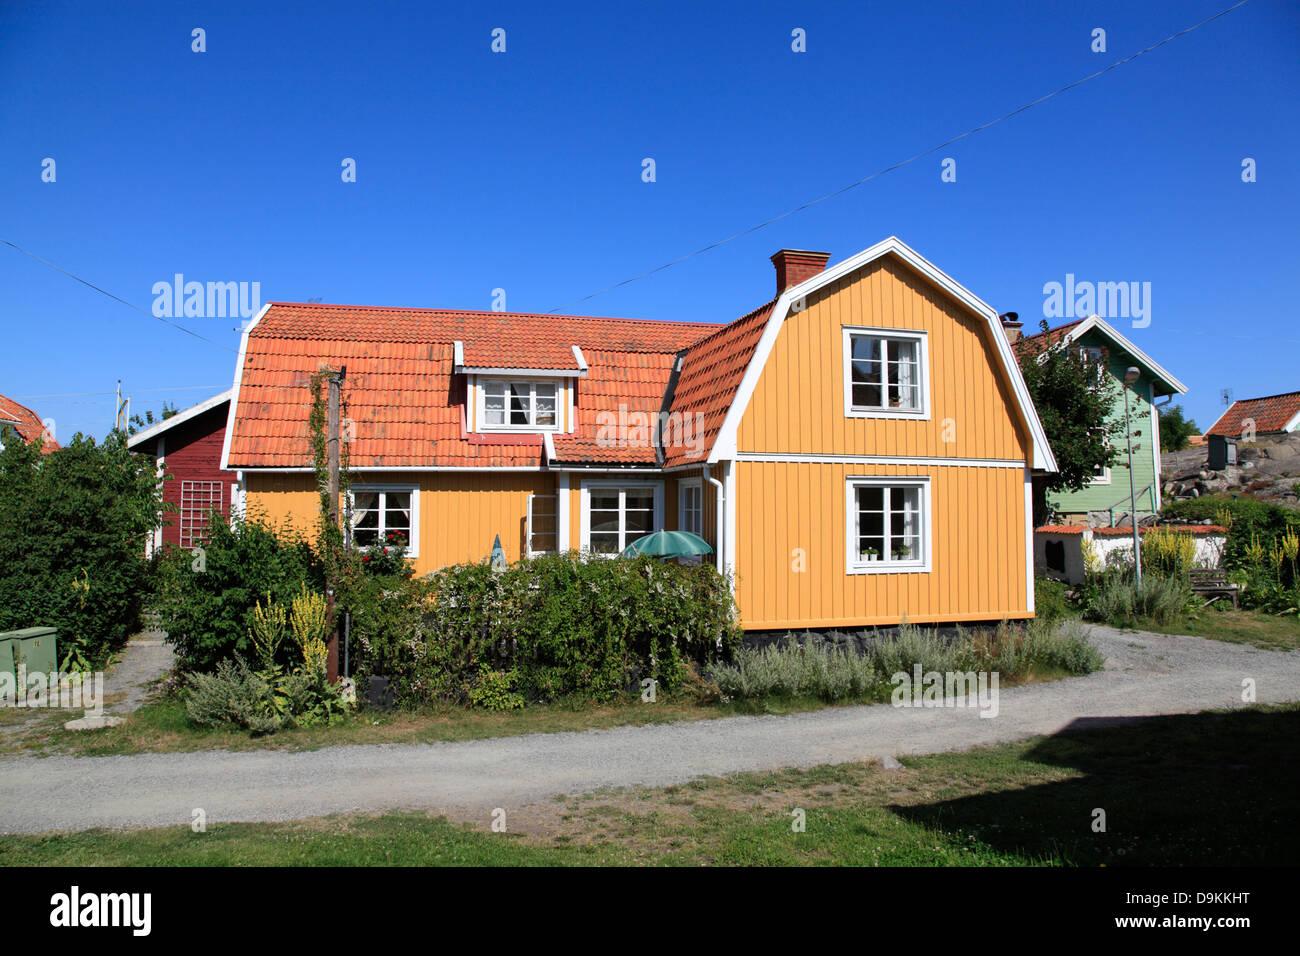 Landsort Insel (Oeja), typischen Holzhäusern, Stockholmer Schären, Ostsee, Schweden, Scandinavia Stockbild